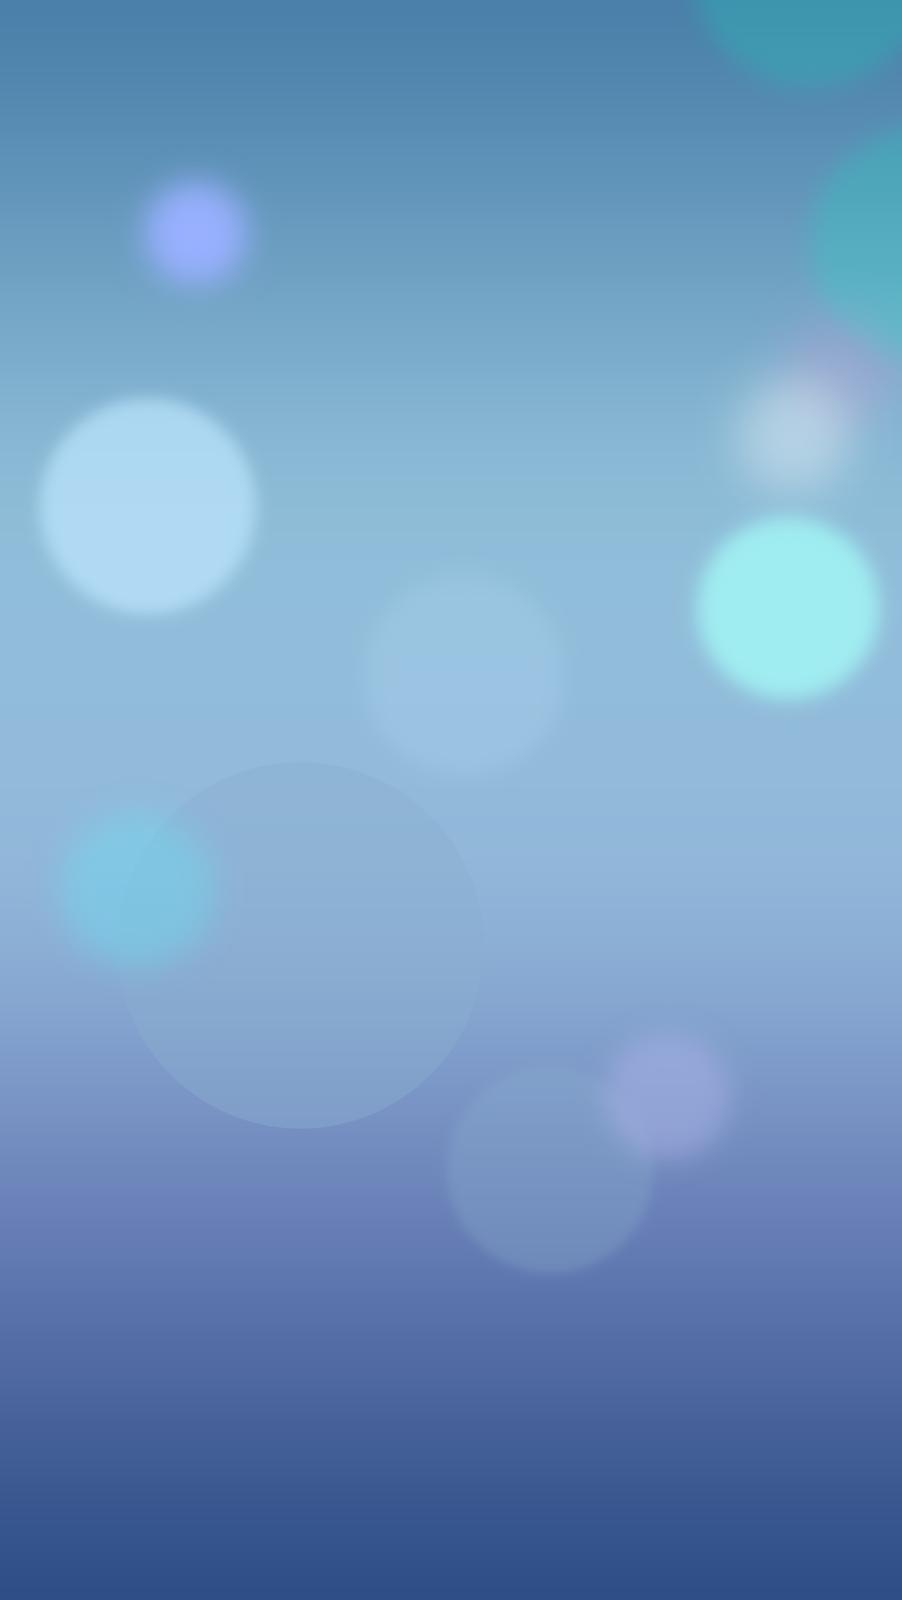 IOS 7 IPad Retina Wallpapers HD 902x1600